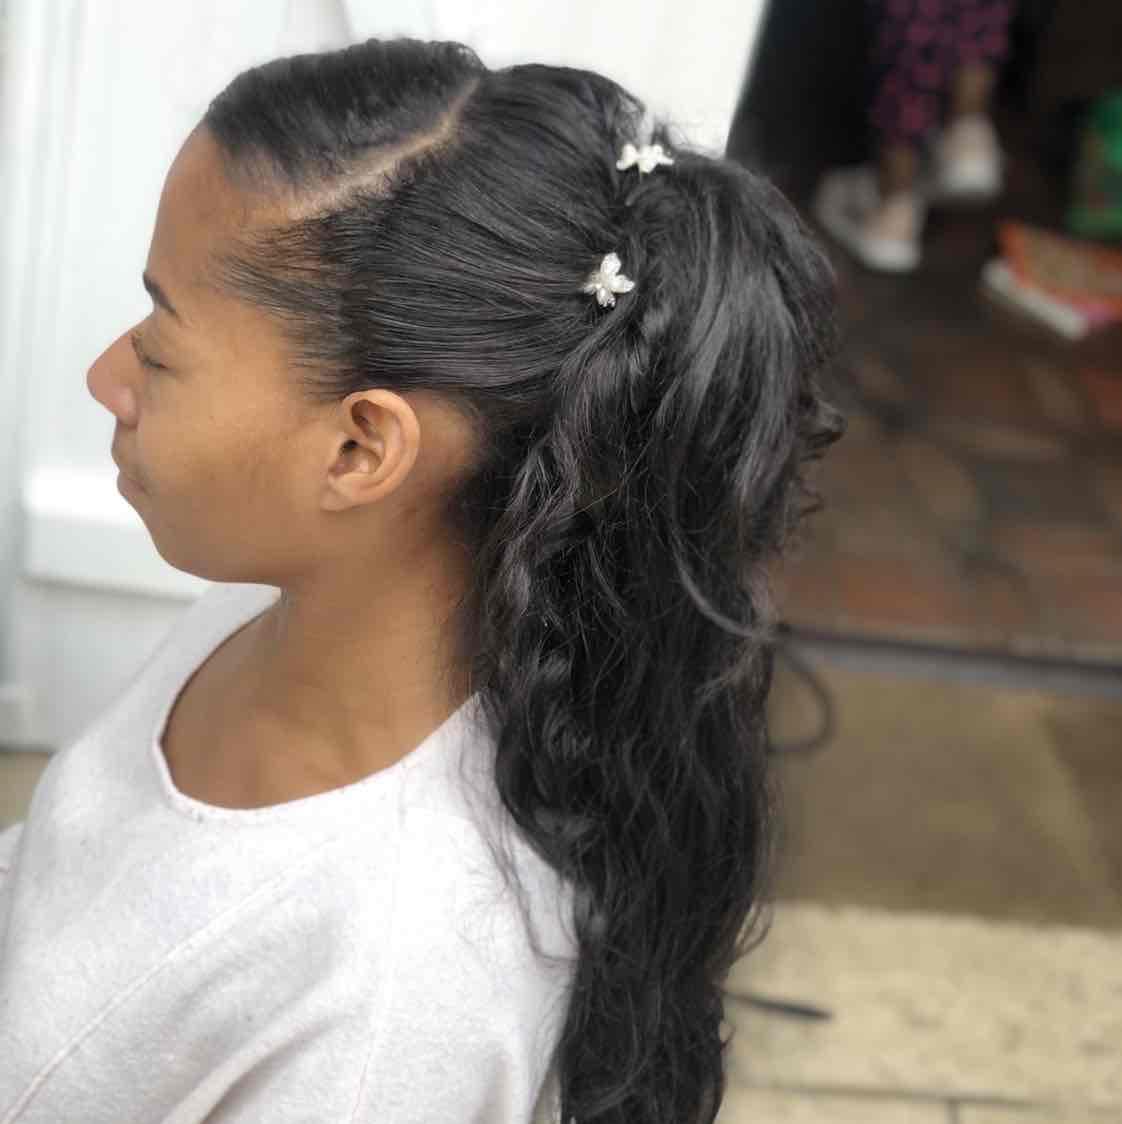 salon de coiffure afro tresse tresses box braids crochet braids vanilles tissages paris 75 77 78 91 92 93 94 95 CHGGIQYM